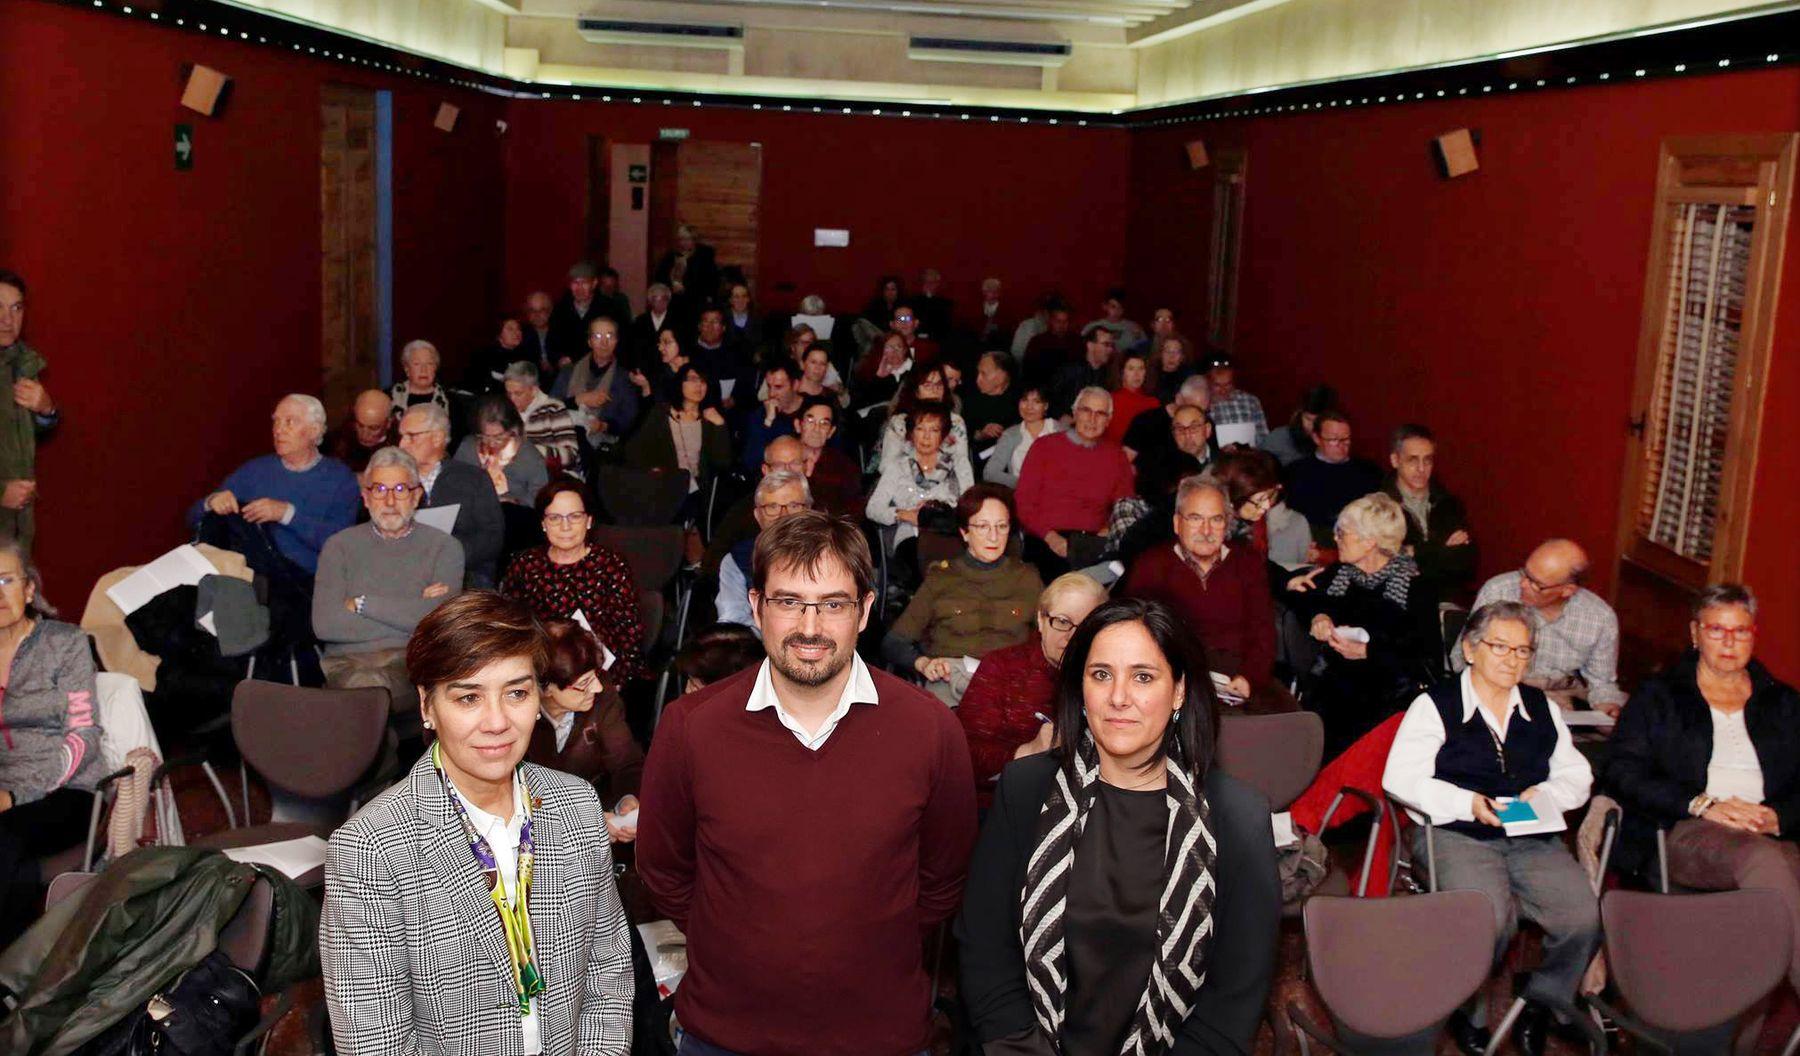 De izq. a dcha.: Eloísa Ramírez Vaquero (vicerrectora de la UPNA), Íñigo Mugueta Moreno (profesor de la UPNA y uno de los conferenciantes) y Amaya Zardoya Lapeña (Asociación de Amigos de la Catedral de Tudela).